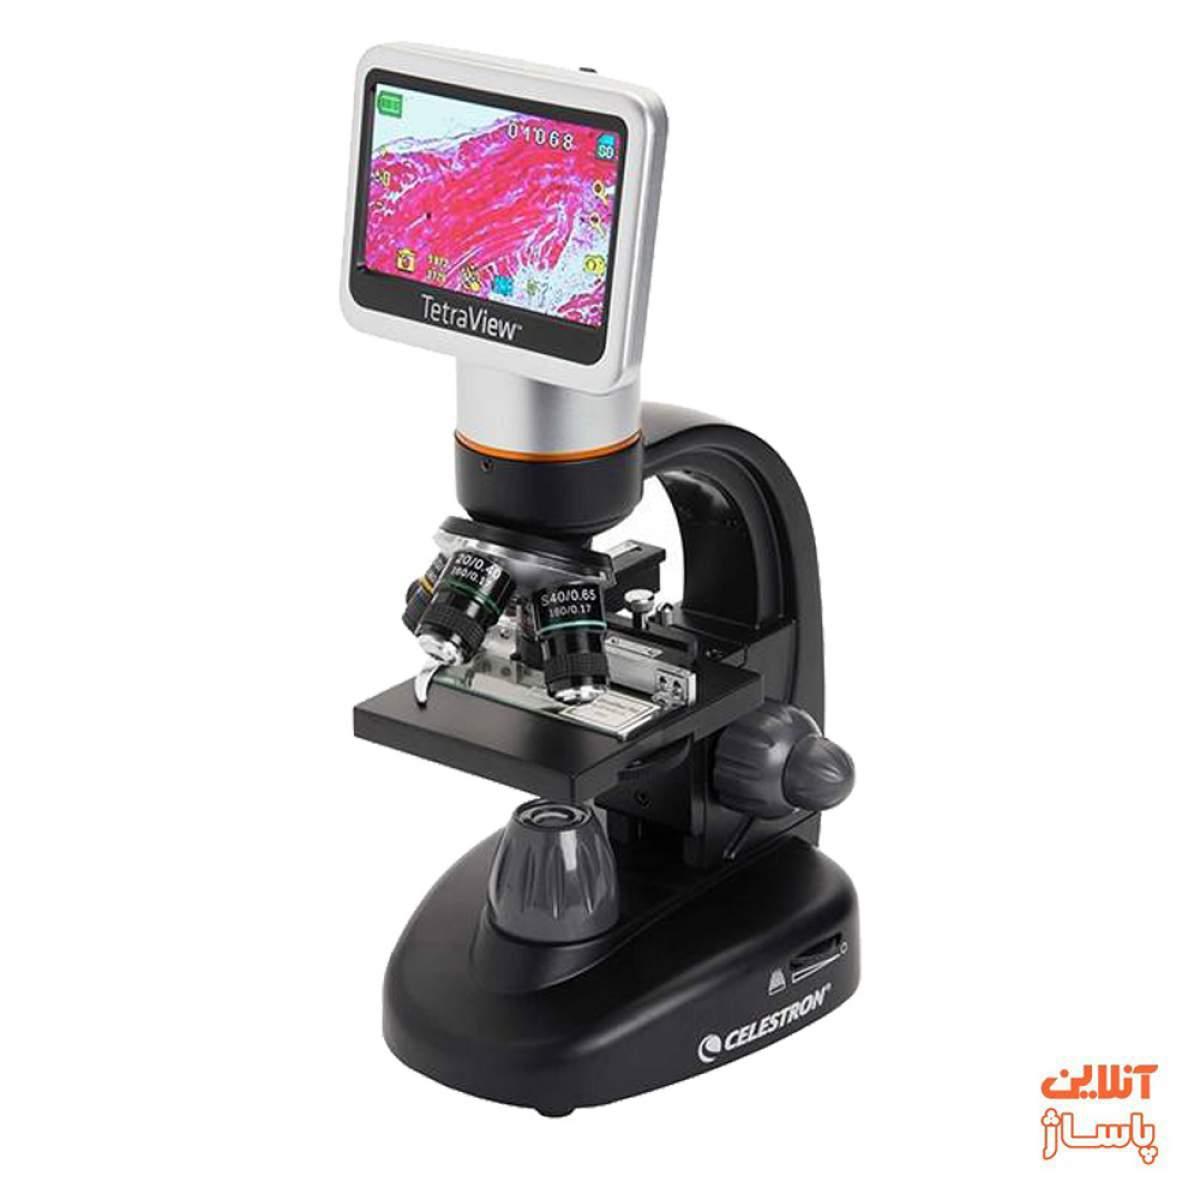 میکروسکوپ دیجیتالی سلسترون مدل TetraView